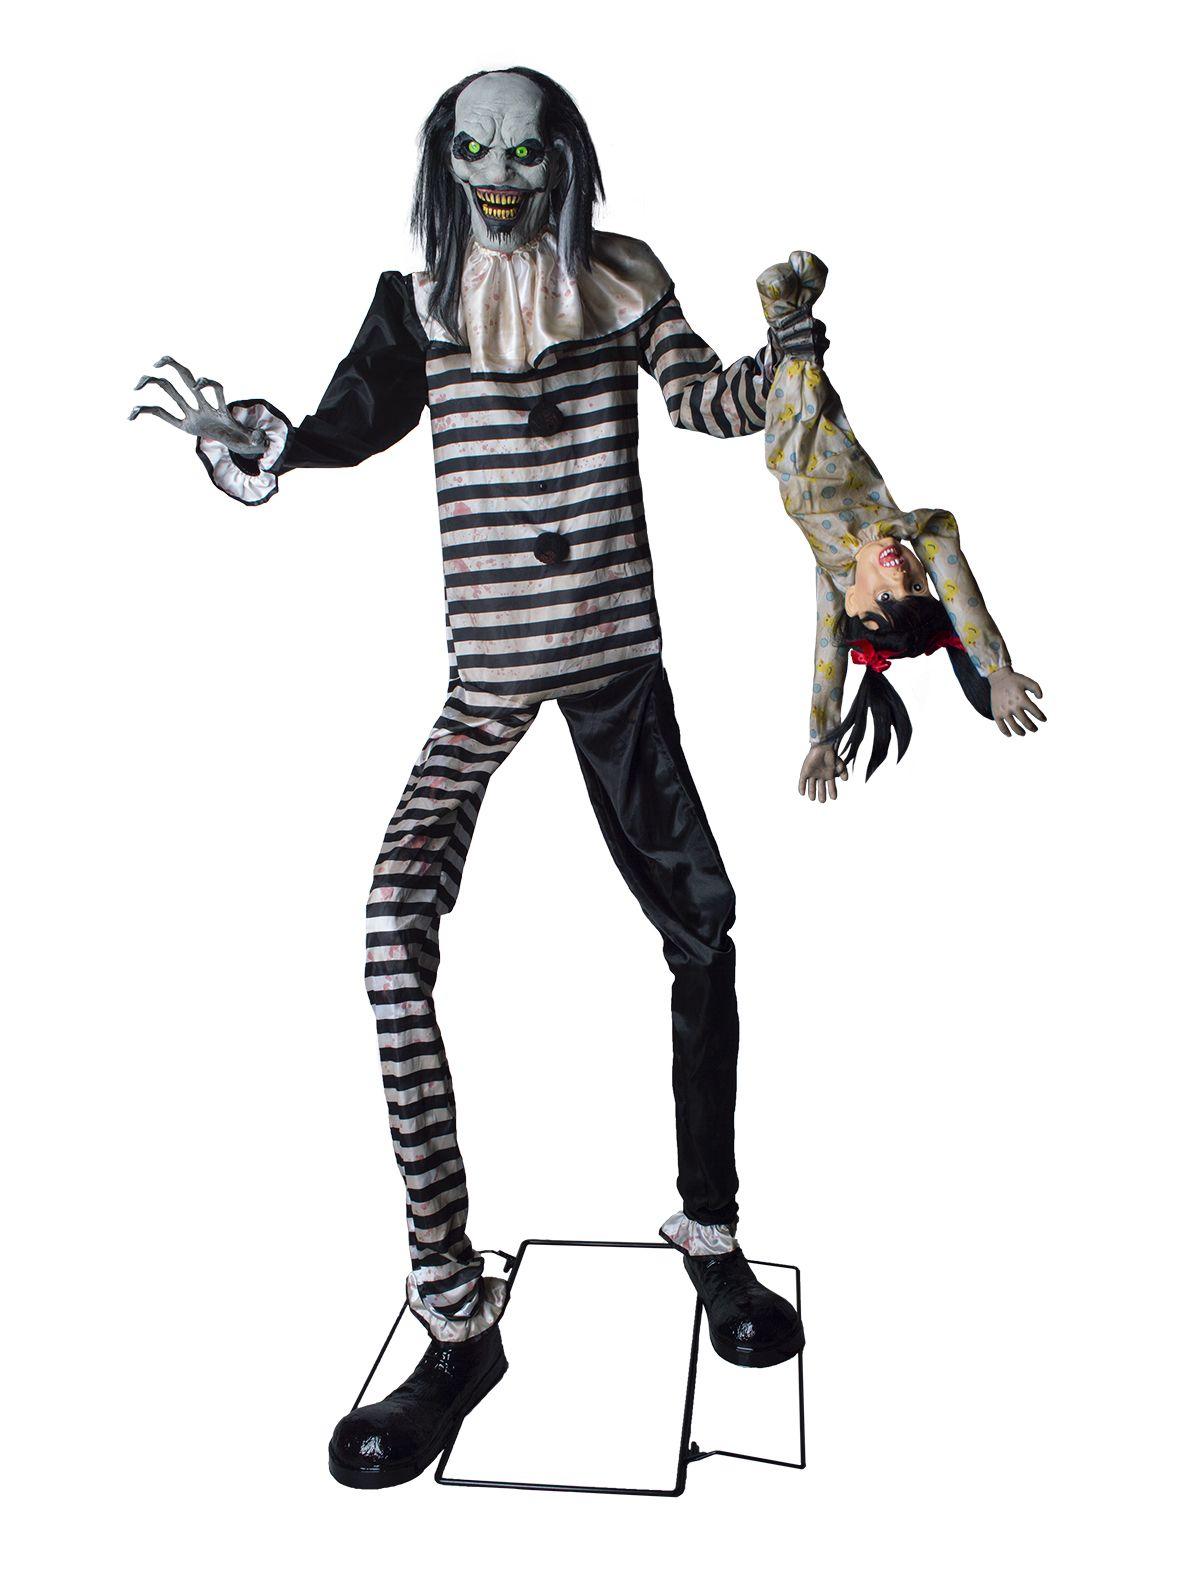 Clown des Grauens 240cm mit Licht, Sound und Bewegung